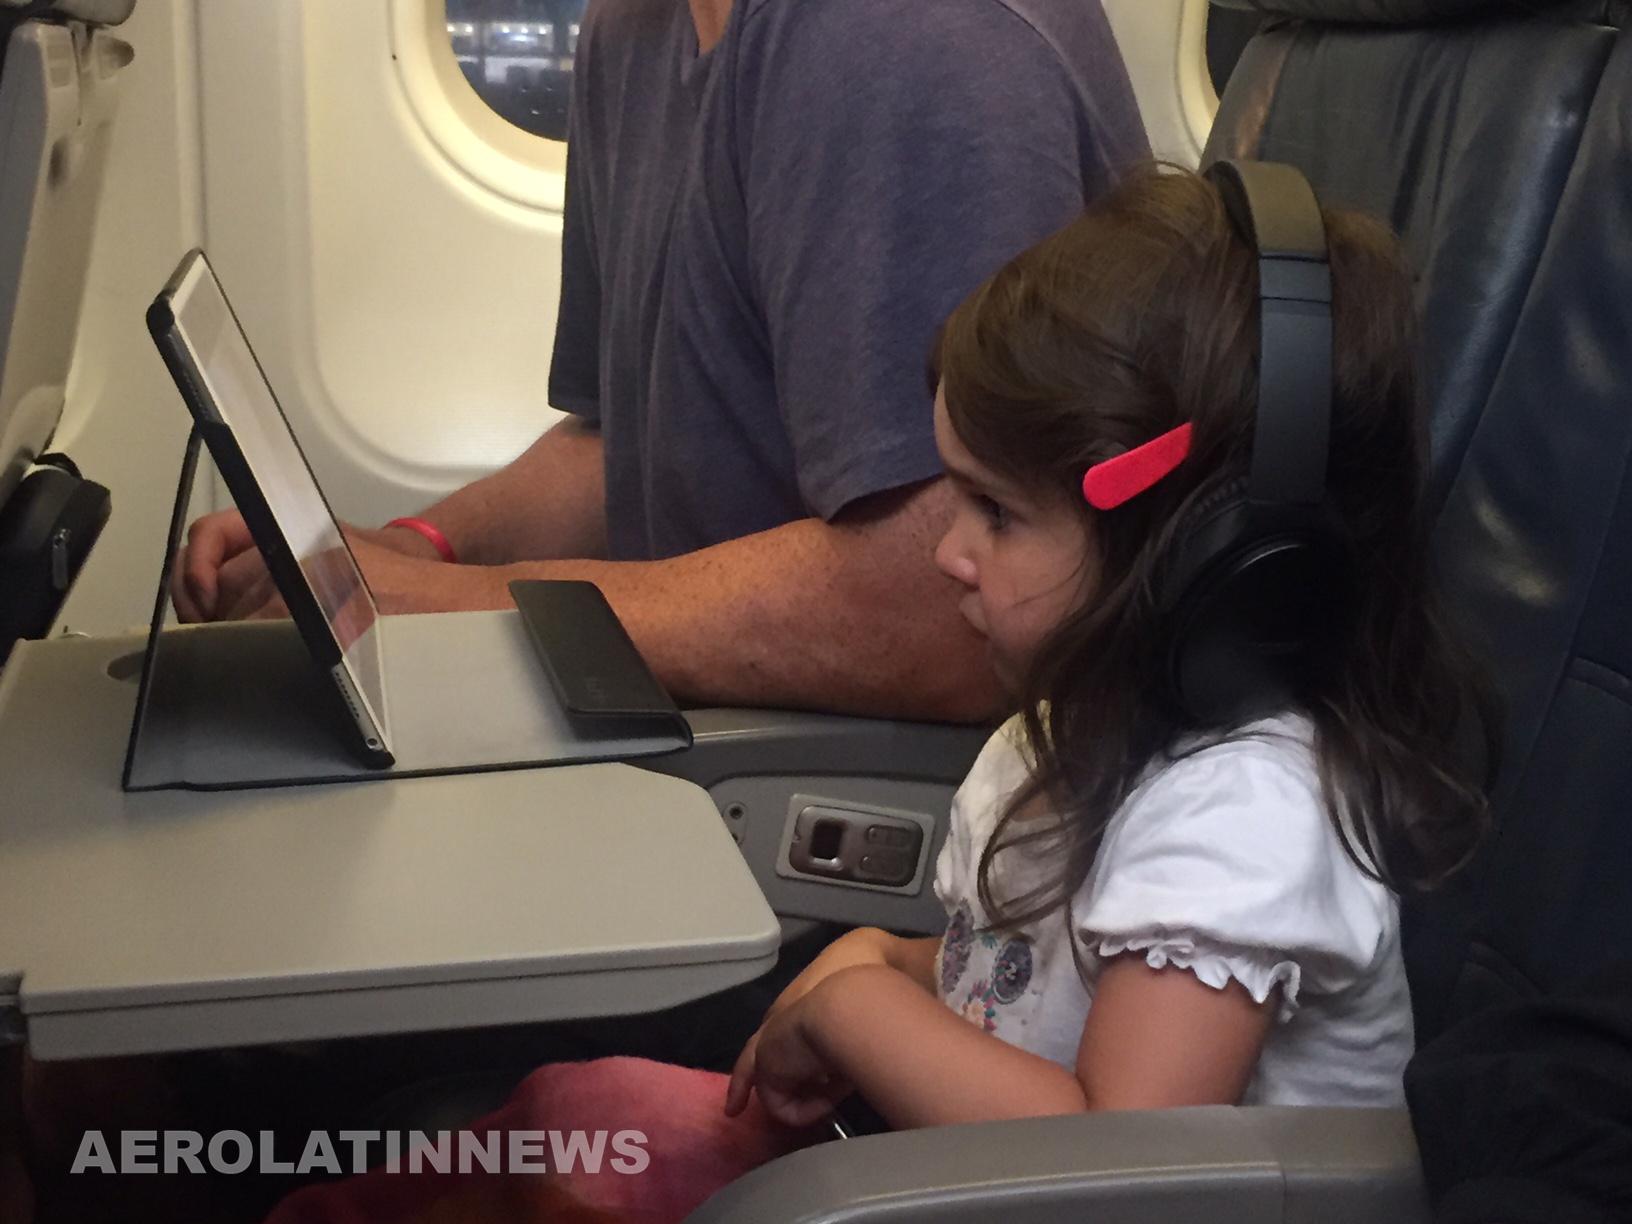 Lingokids, proveedor de contenidos de entretenimiento para niños que viajan en avión